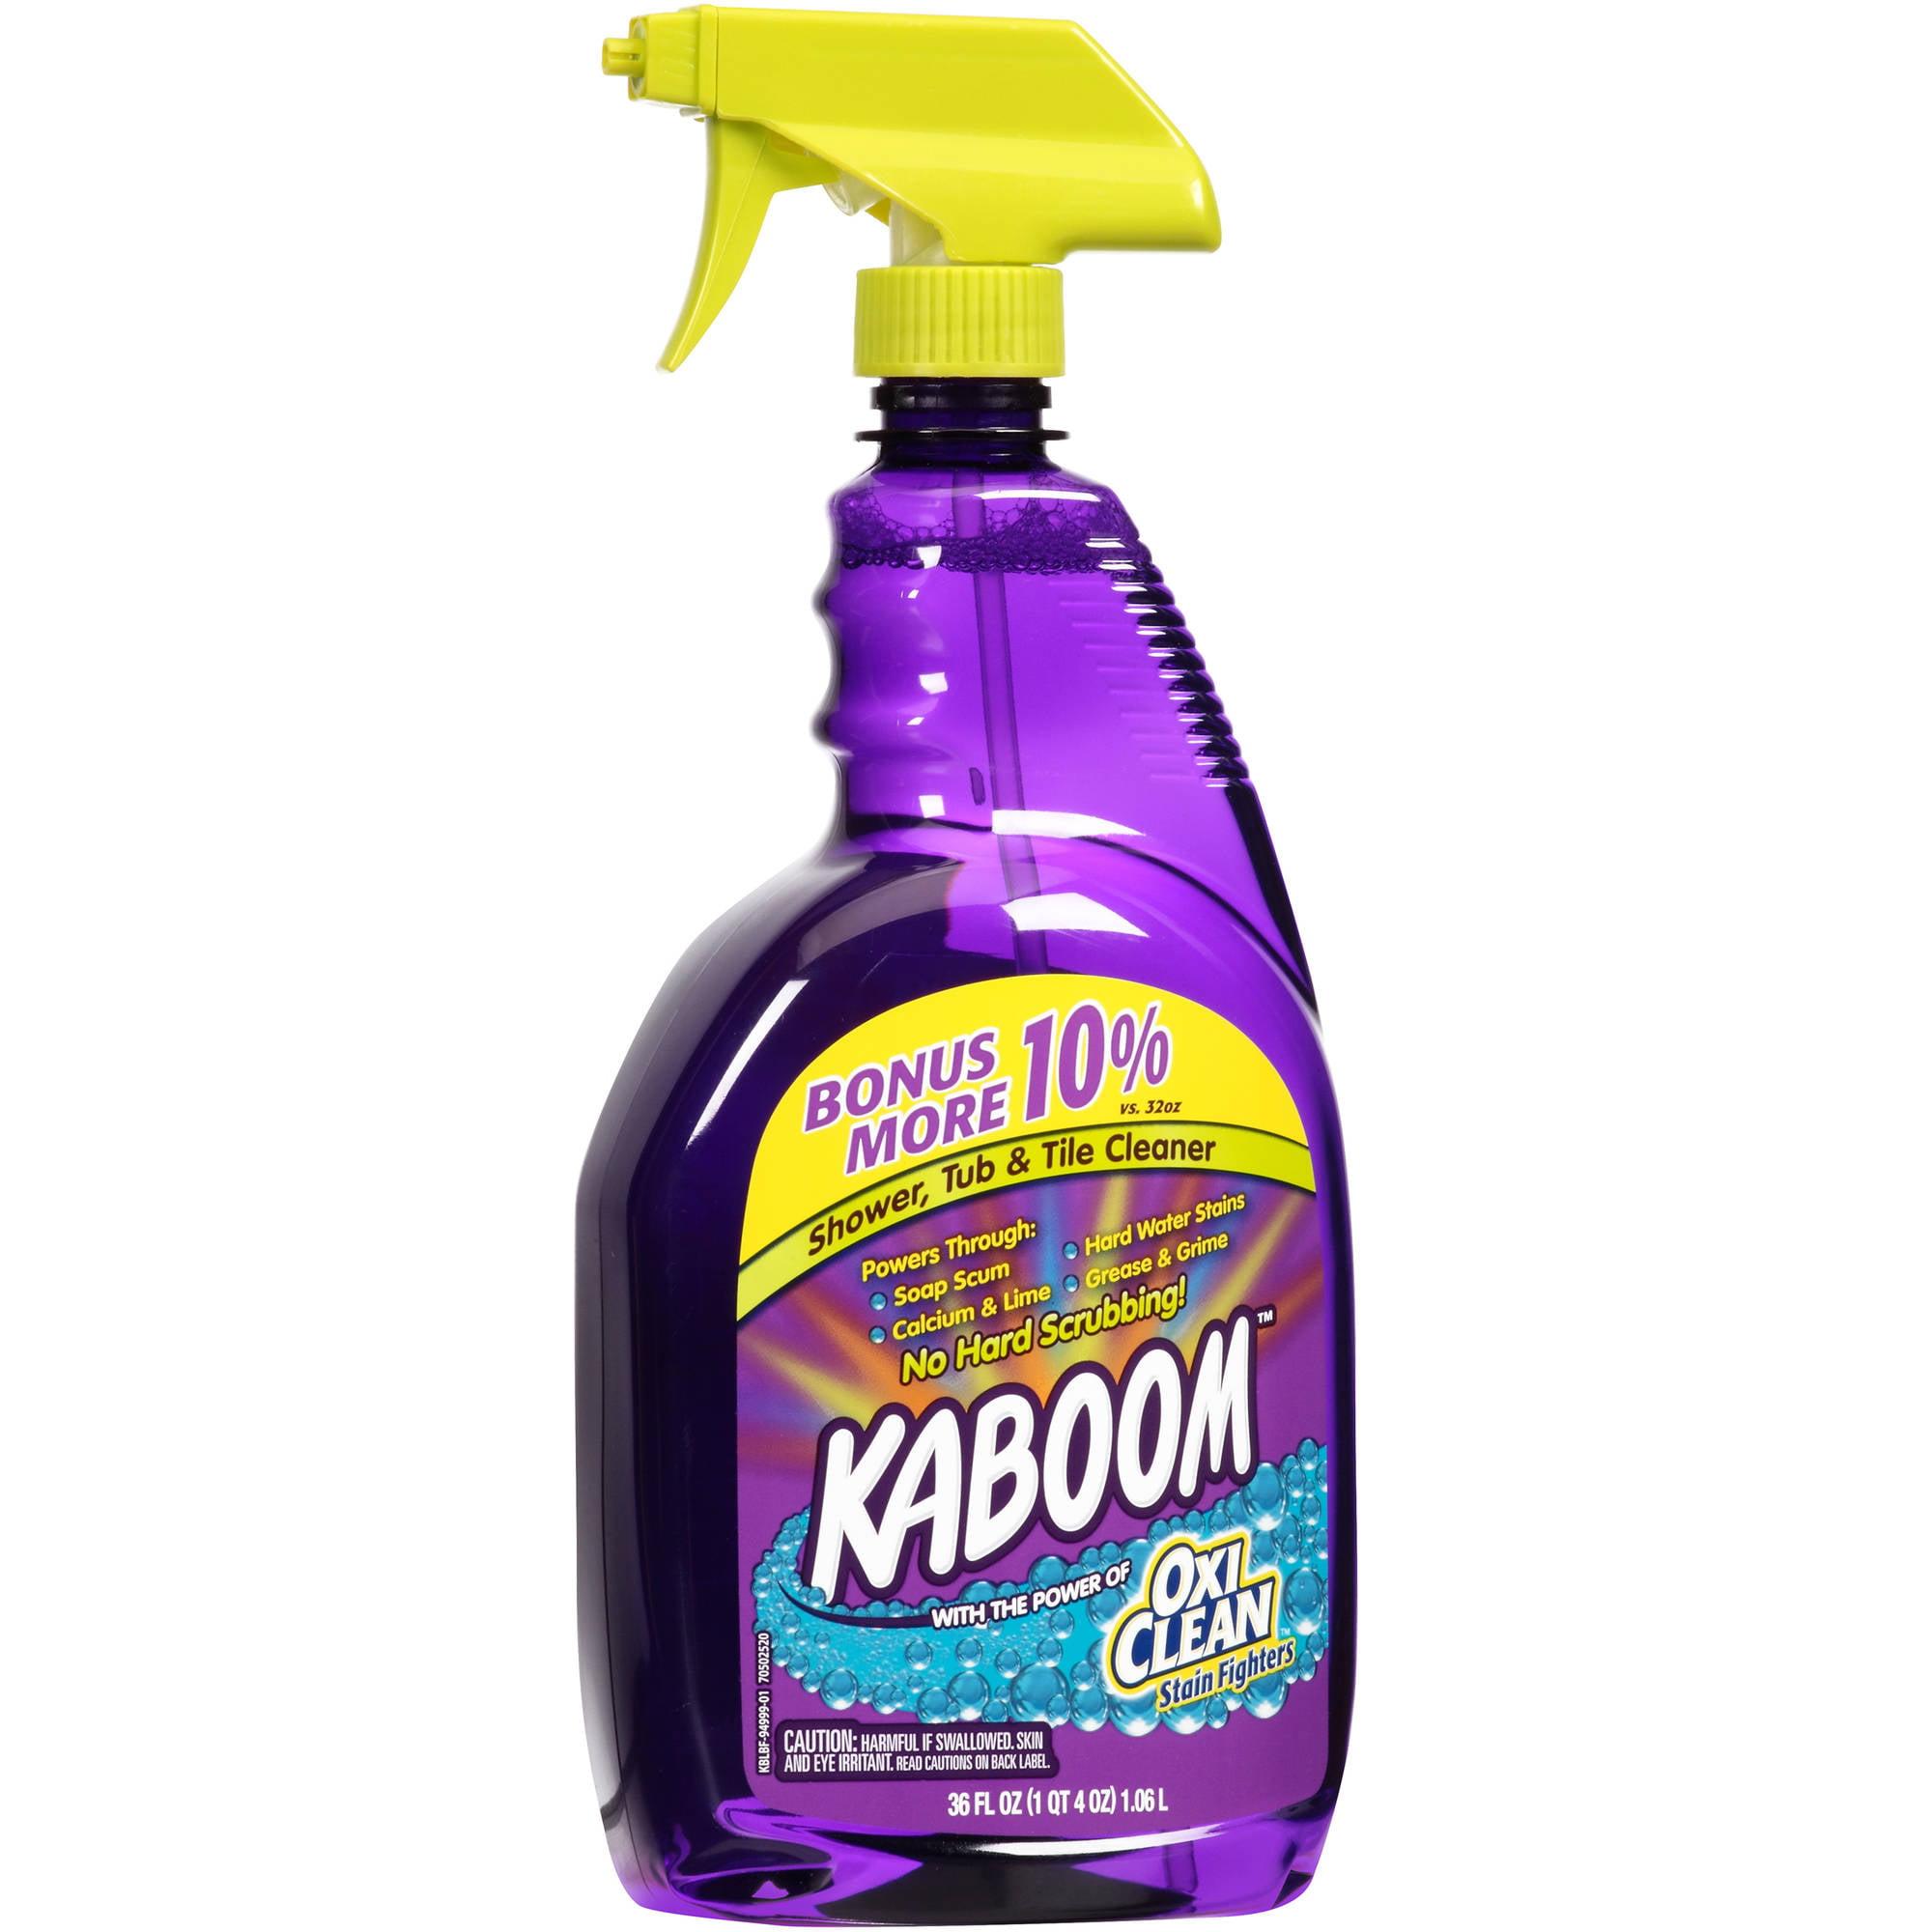 Kaboom Shower, Tub & Tile Cleaner, 36 fl oz